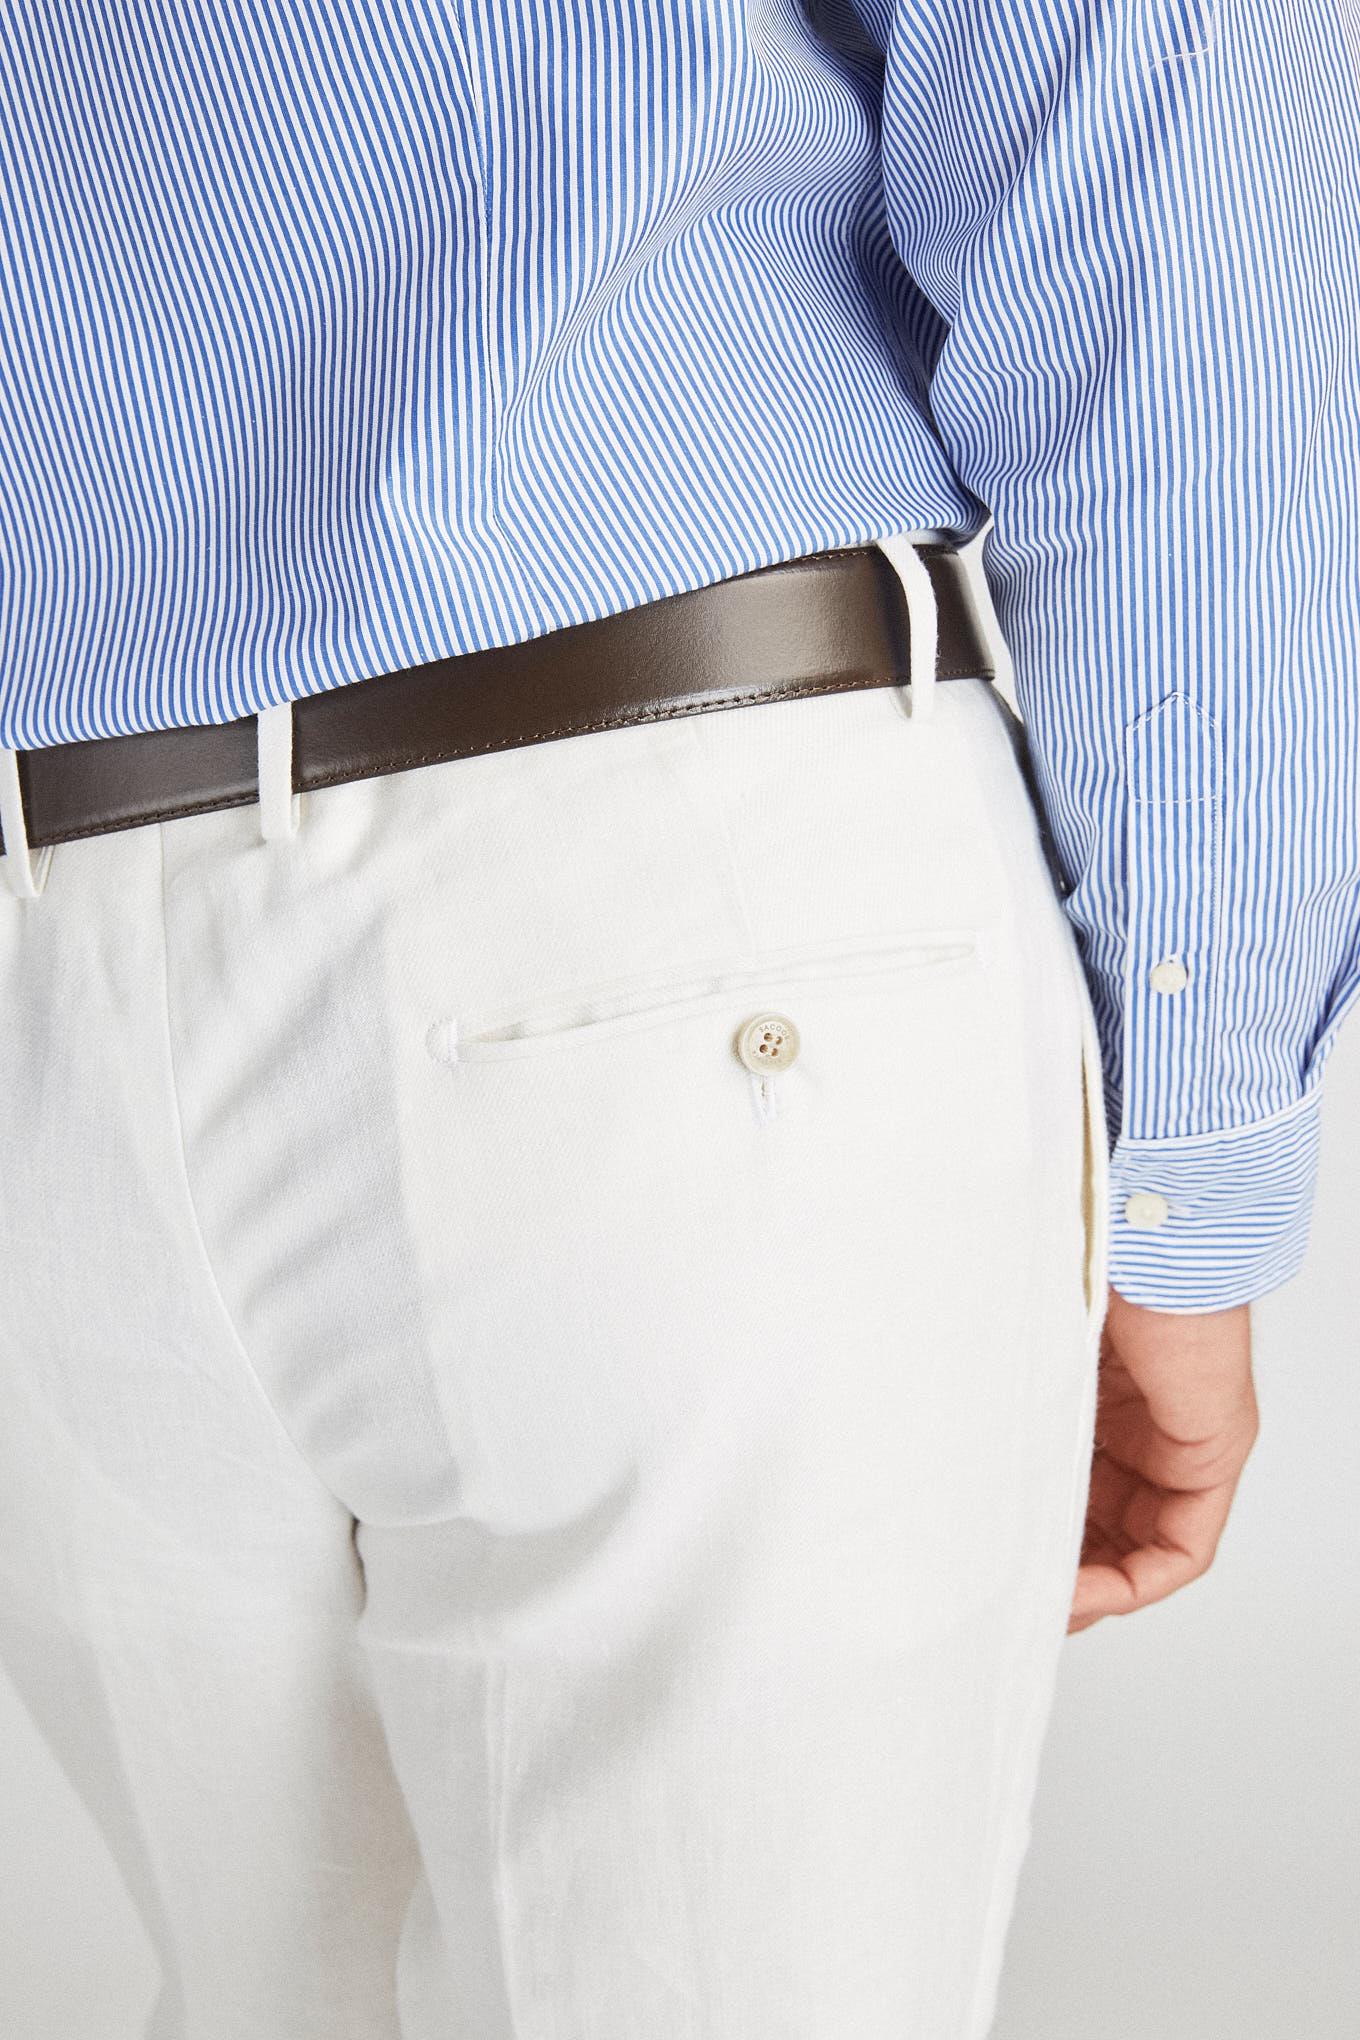 Calças Branco Classic Homem